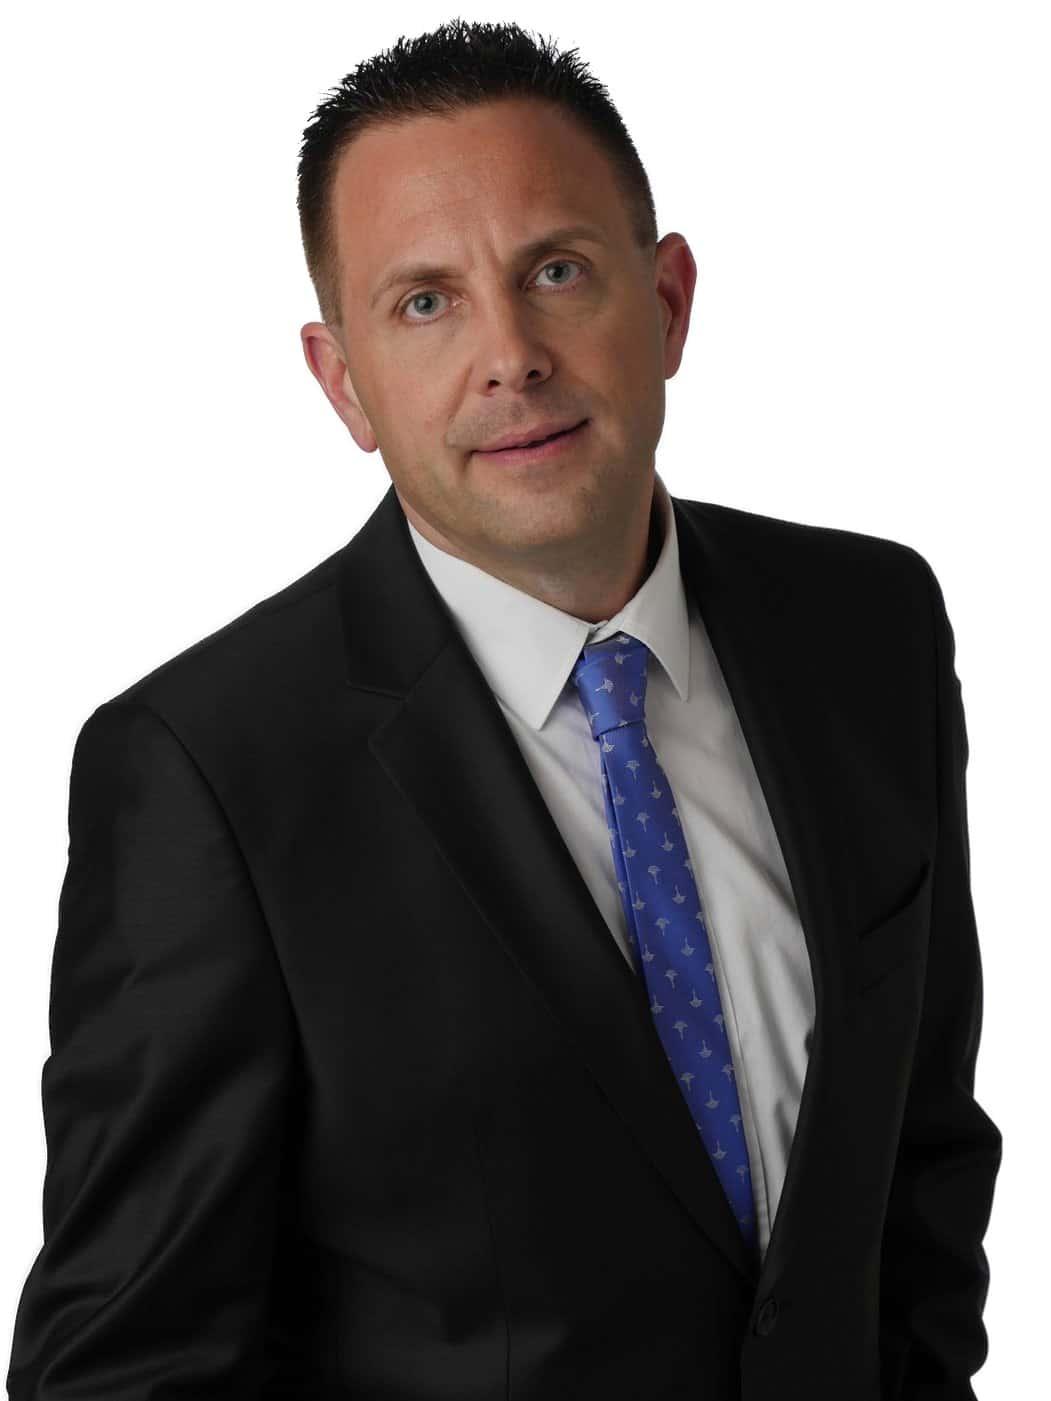 Rechtsanwalt und Notar Dr. Christian Kotz